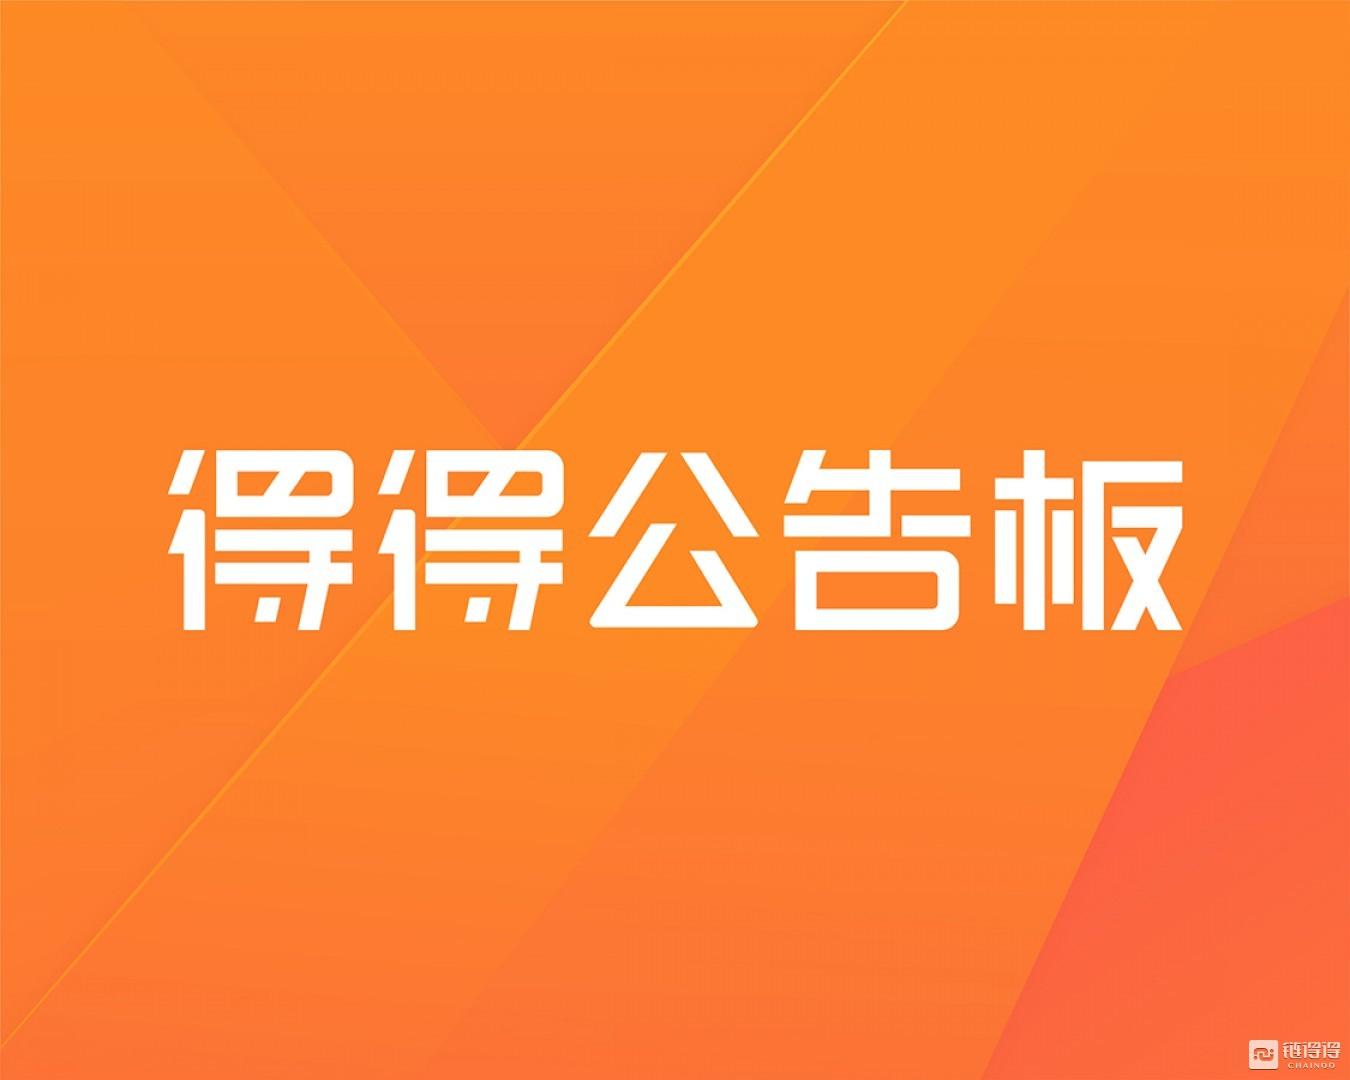 【得得公告板】OKCoin新增限价规则|4月28日